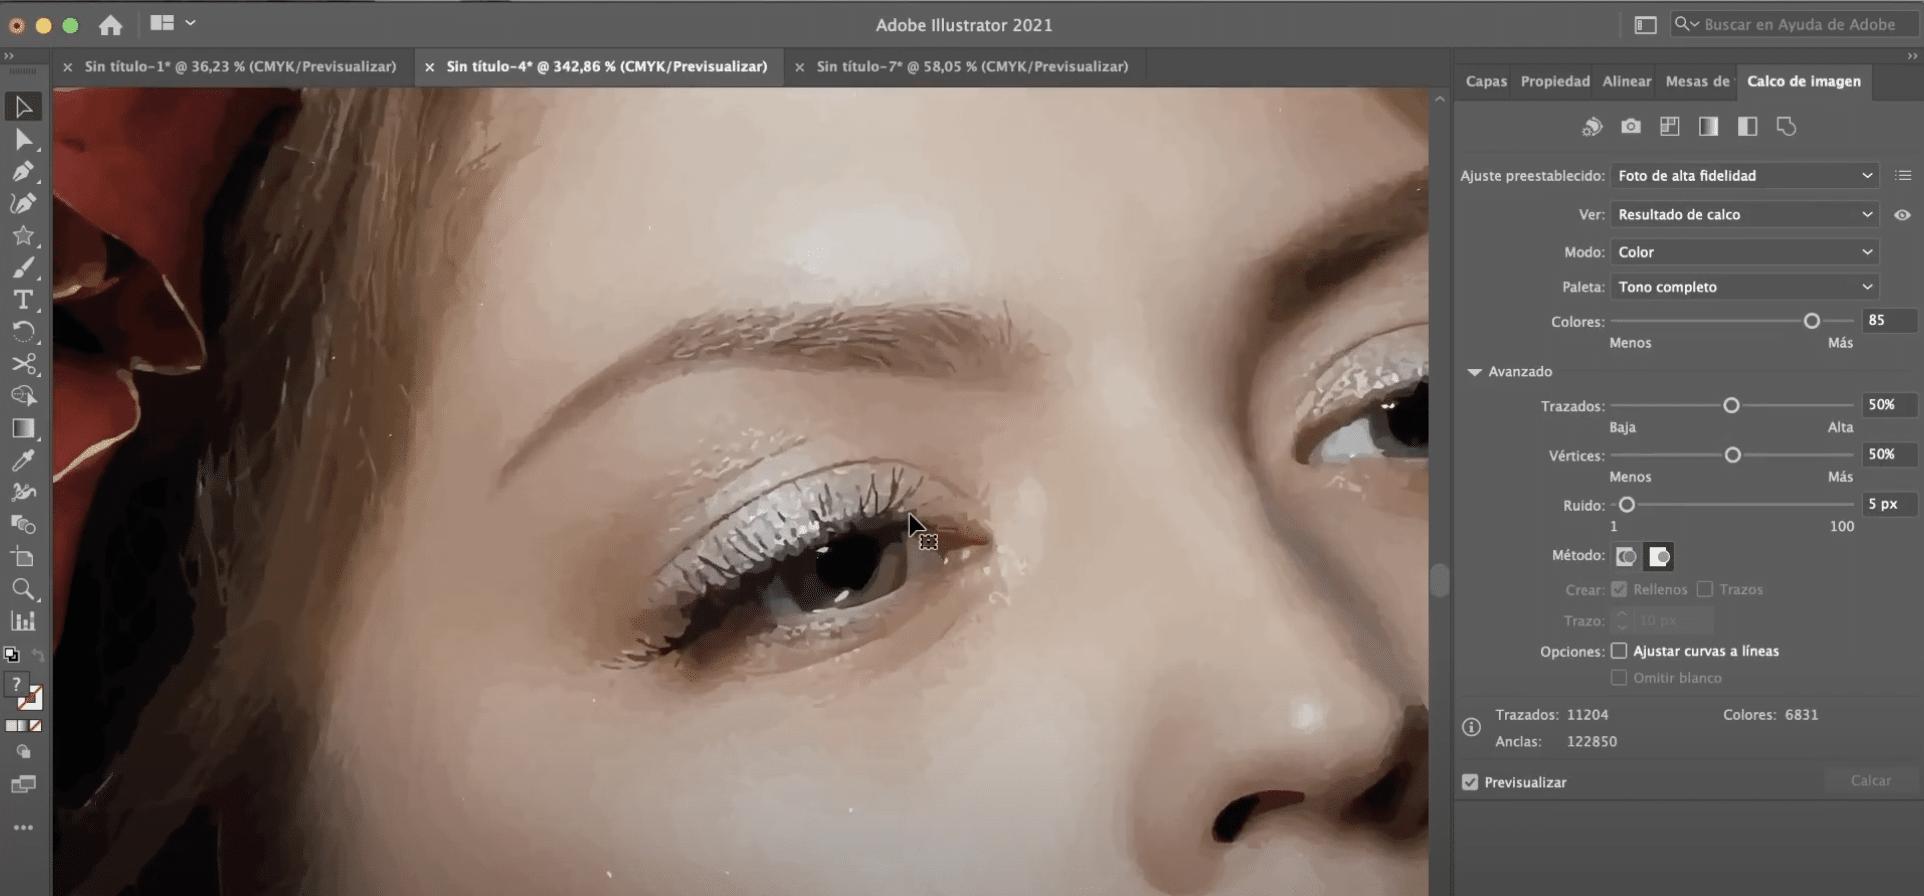 Efecto pintura hiperrealista en Illustrator